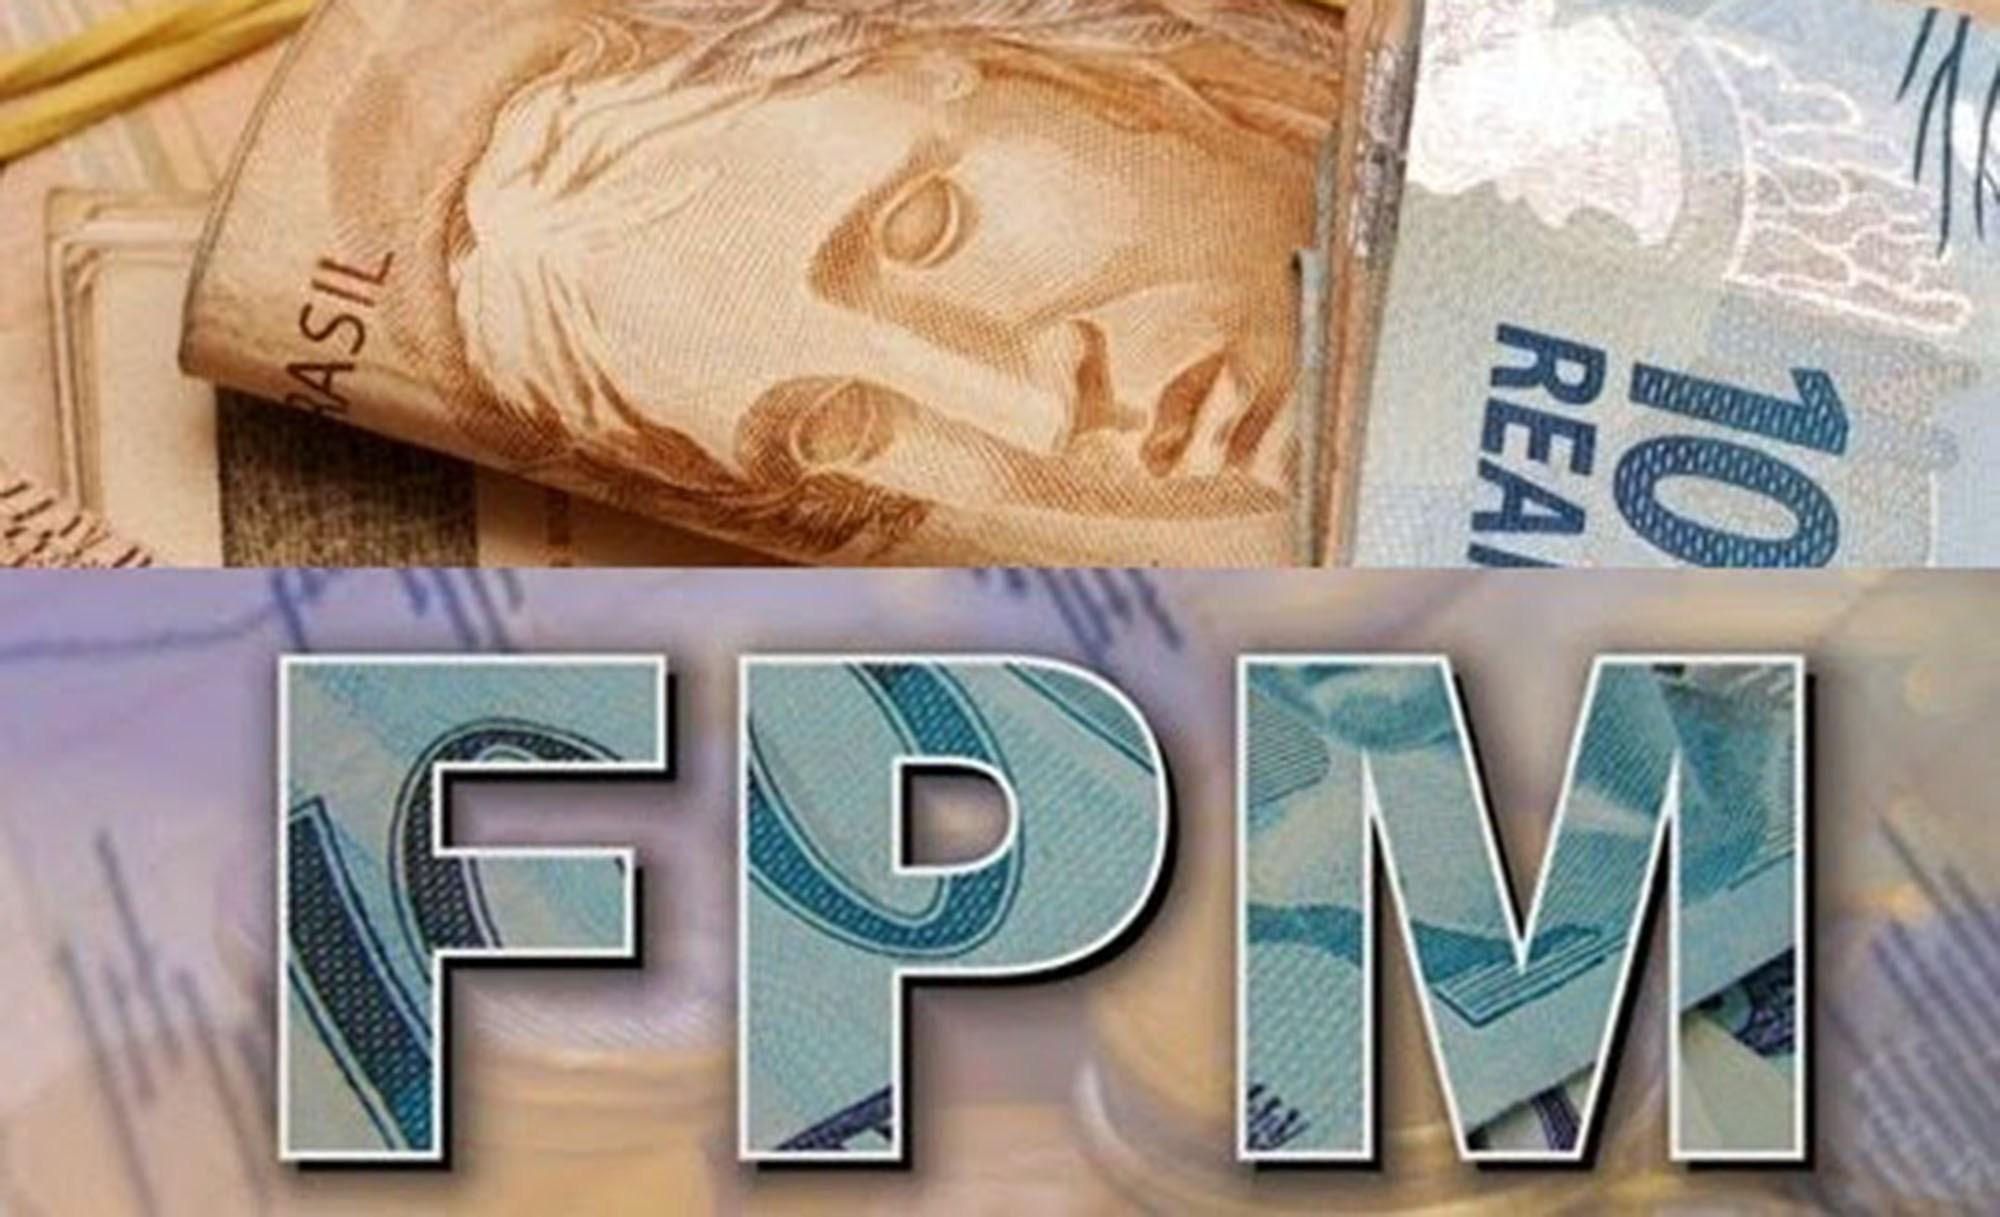 Prefeituras recebem R$ 26,9 milhões do FPM nesta 6ª feira; valor é 13% maior